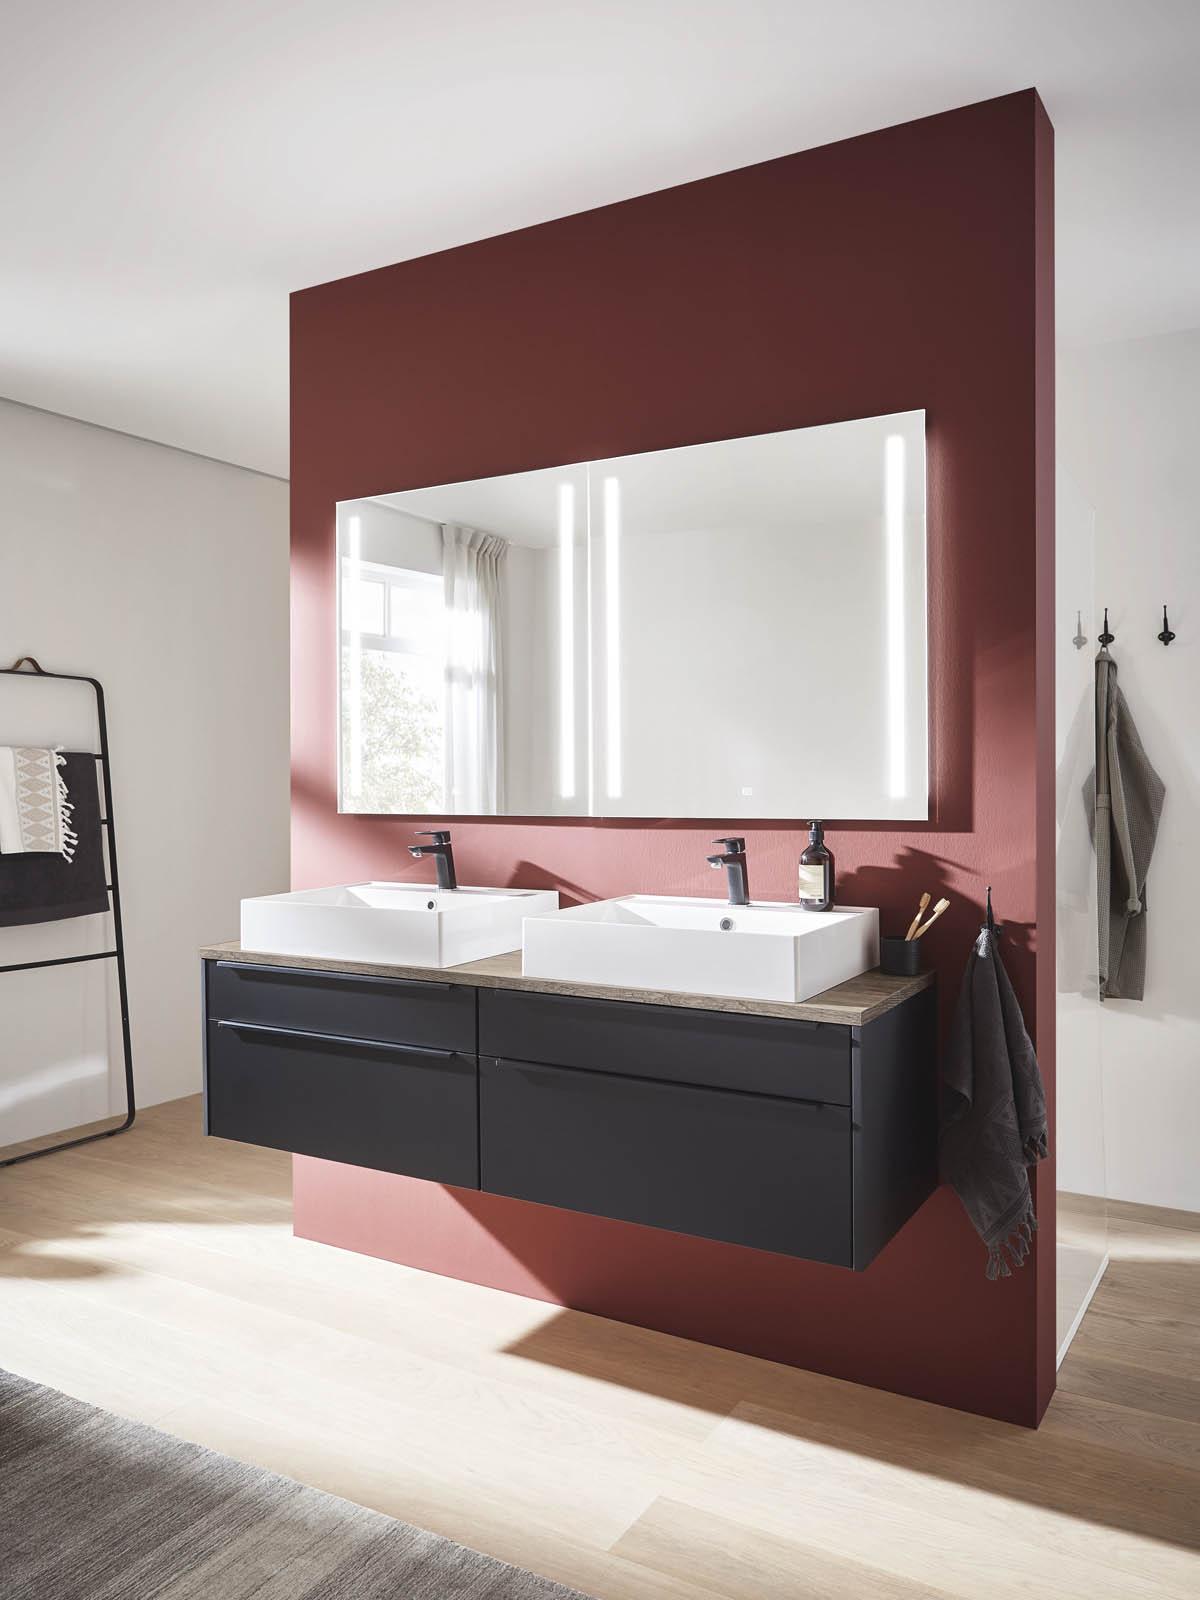 Küchentime Touch 340 - Bathroom